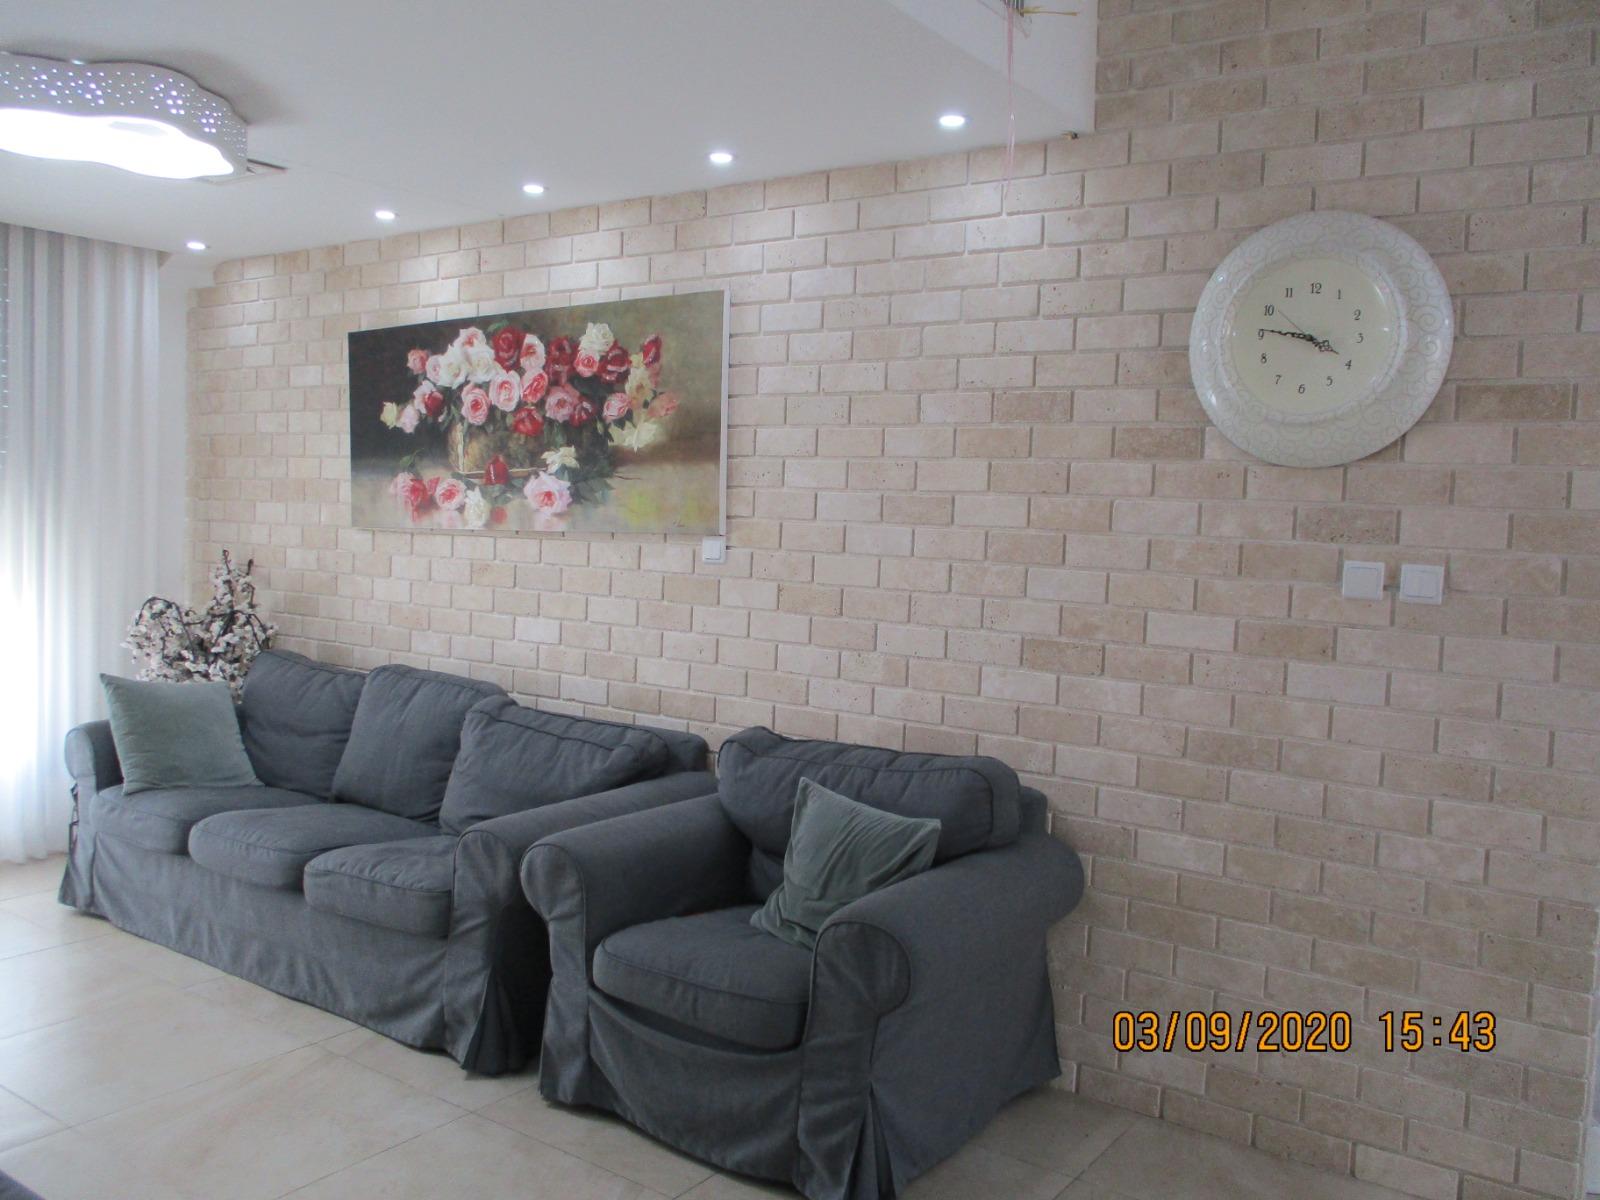 בריקים מאבן טבעית בסלון